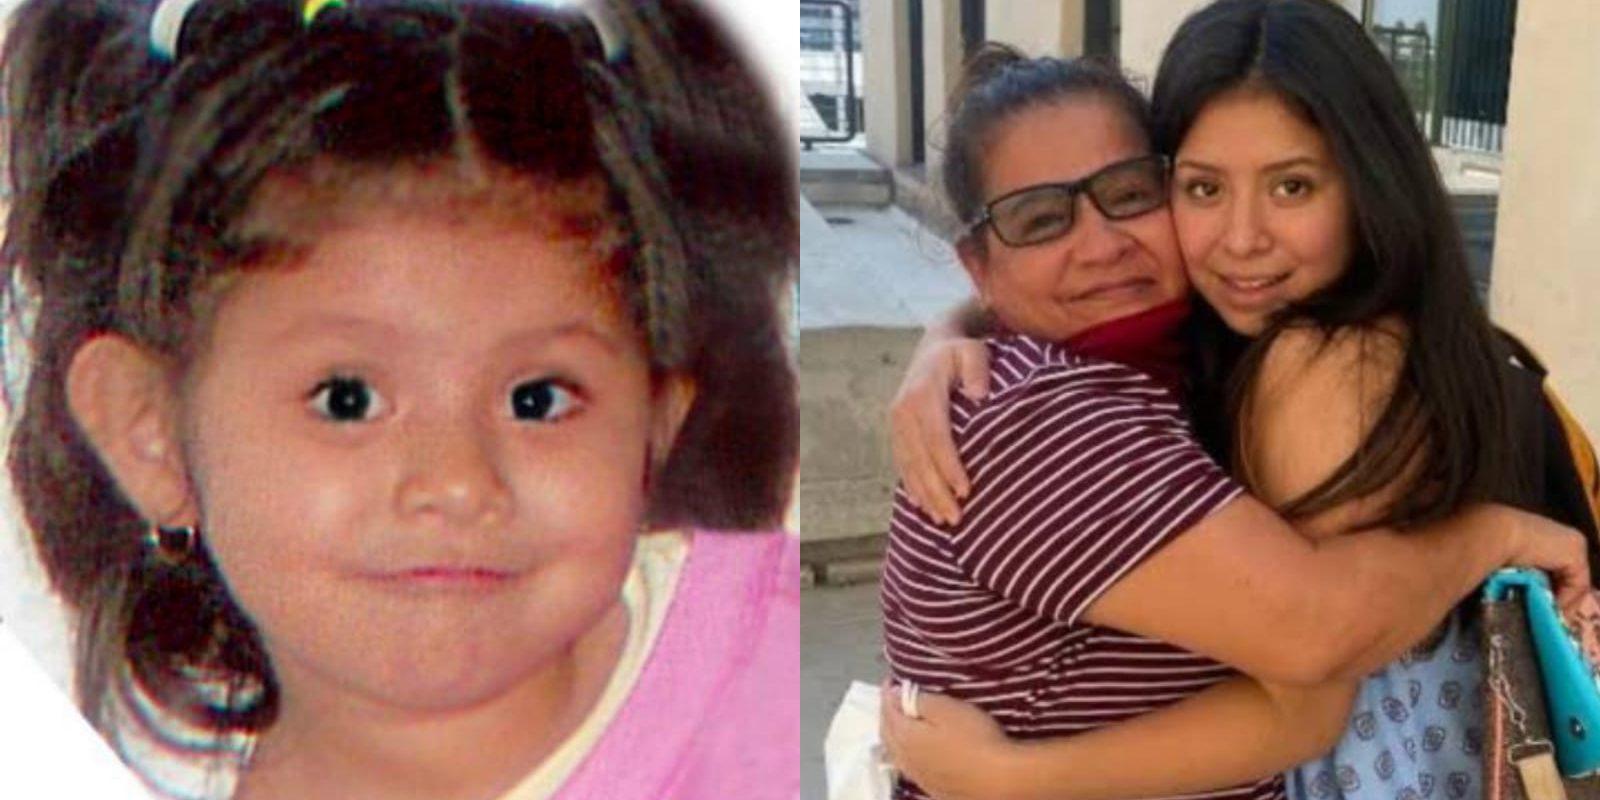 Madre e hija pudieron reunirse tras años de búsqueda: A Angélica le arrebataron a su niña en 2007